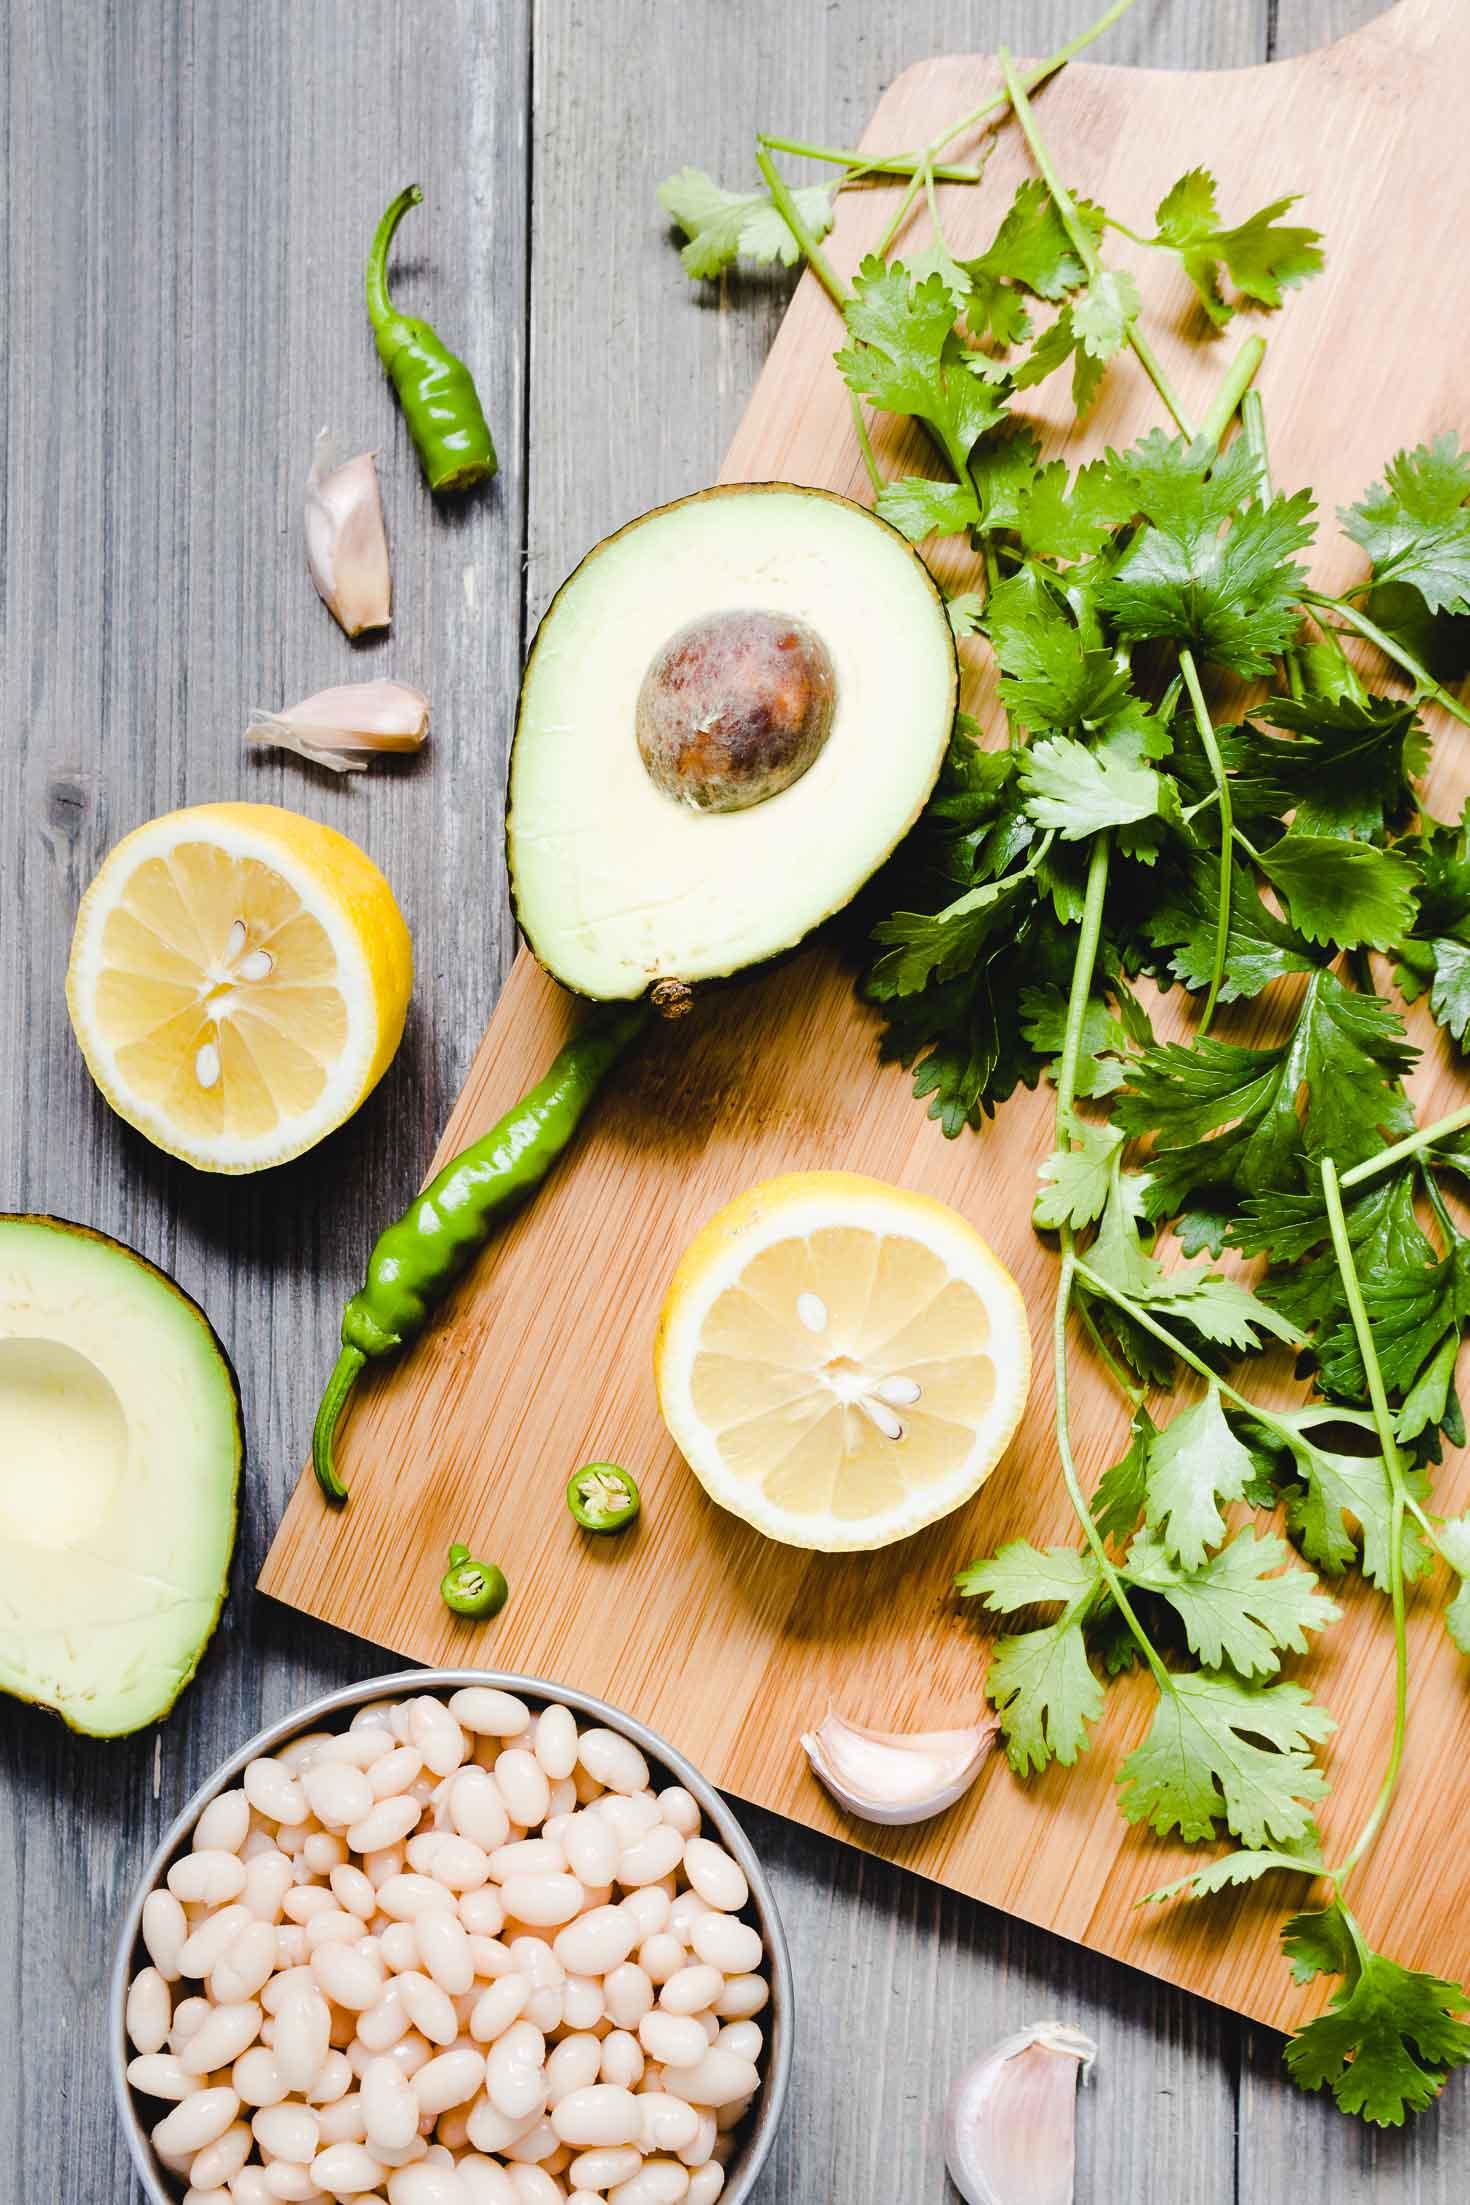 Cilantro Avocado White Bean Dip-top view-ingredients-cooked navy beans, garlic, green chili, cilantro, lemon, avocado